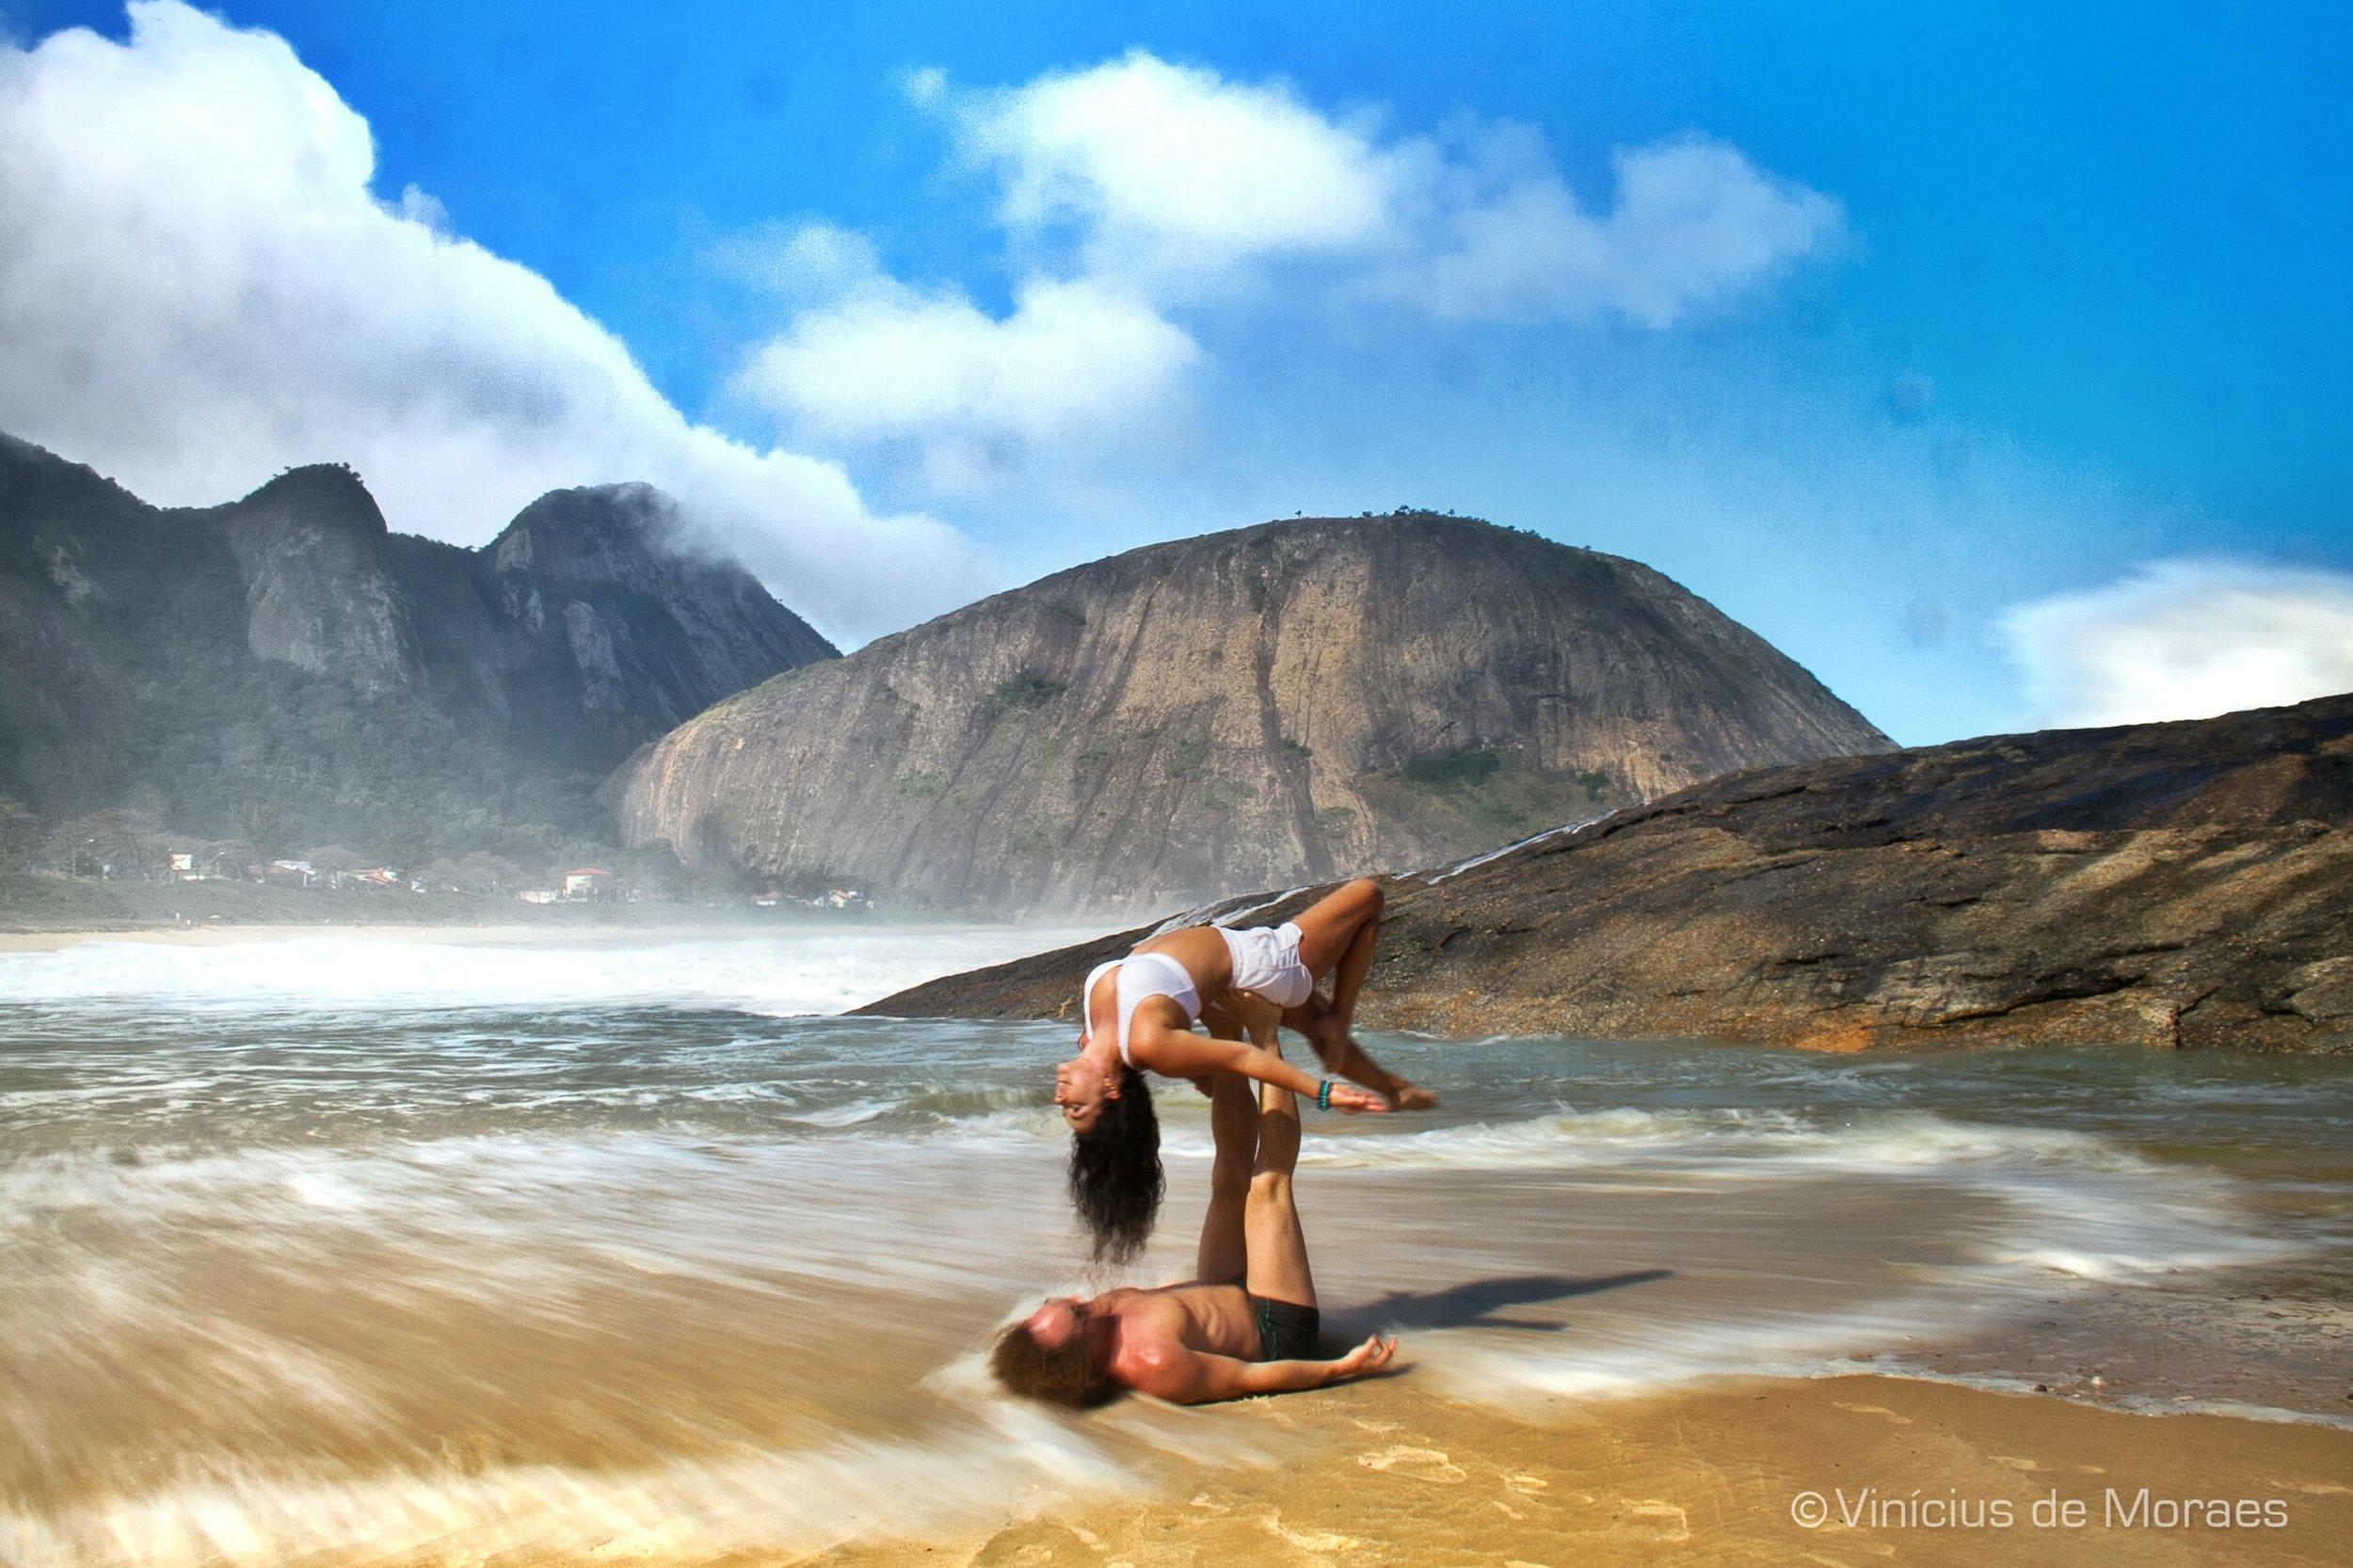 AcroYoga by the Beach 7